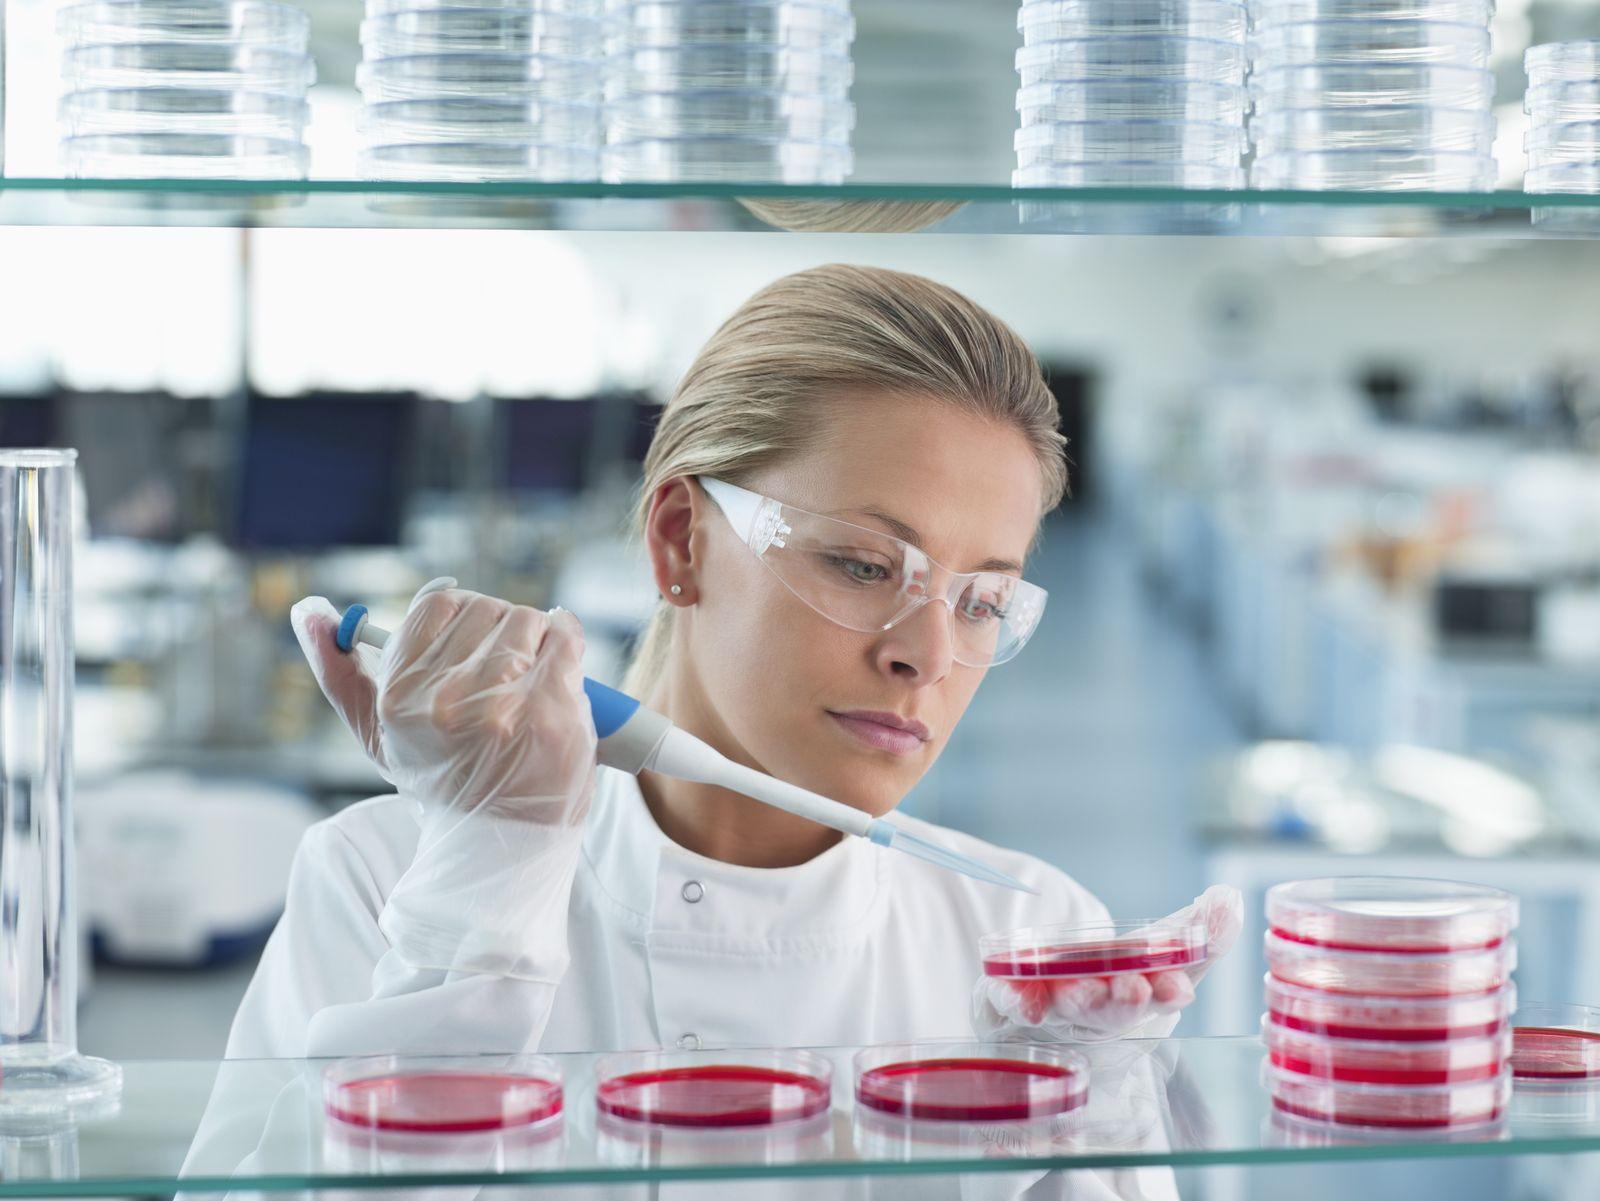 NICHT MEHR VERWENDEN! - Forscher / Forschung / Wissenschaftler / Labor